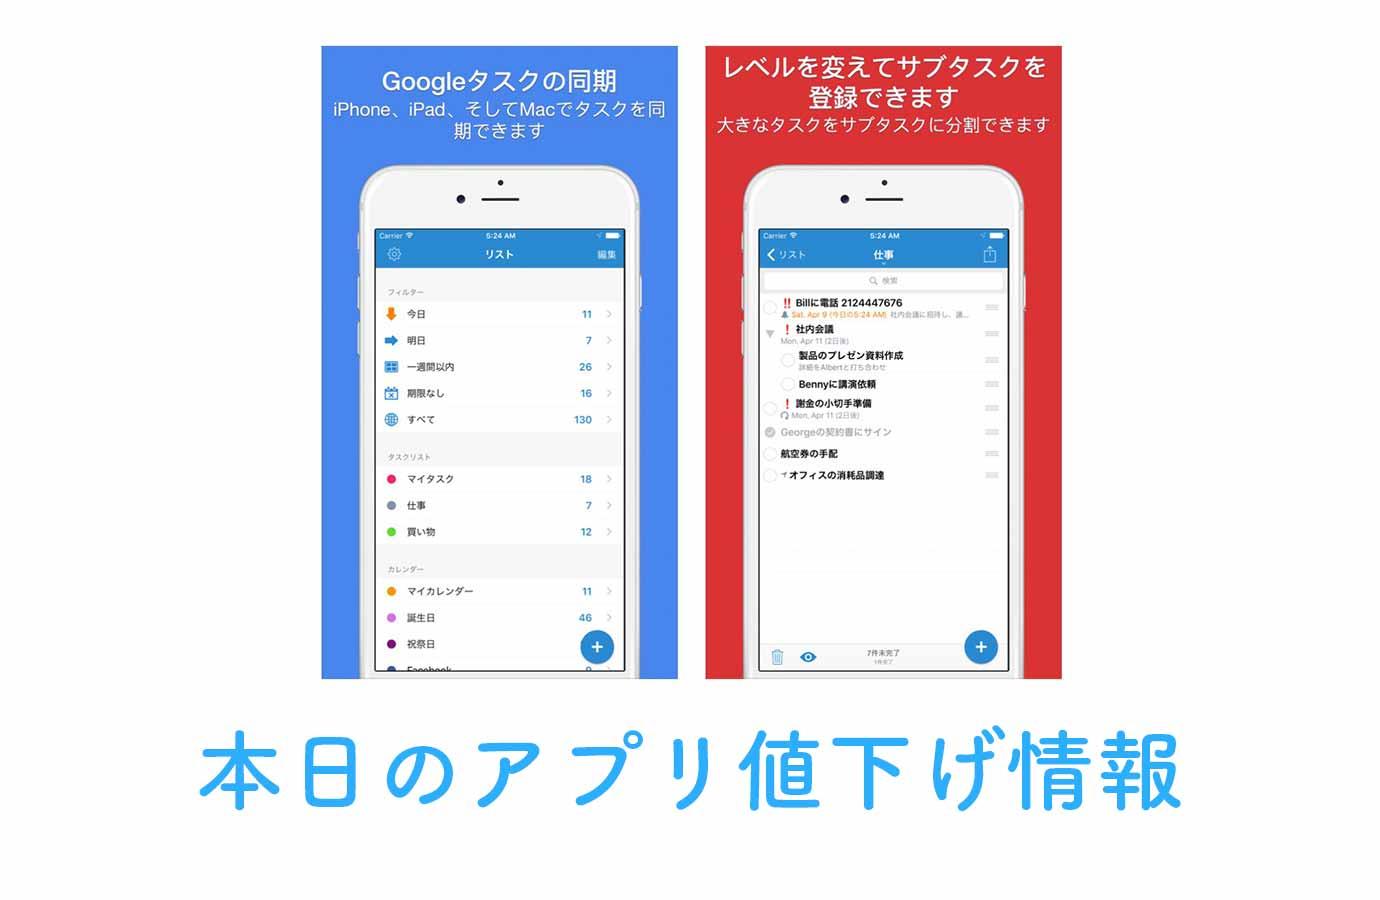 720円→無料!Todo・リマインダ管理アプリ「gTasks Pro」など【11/3】アプリ値下げ情報